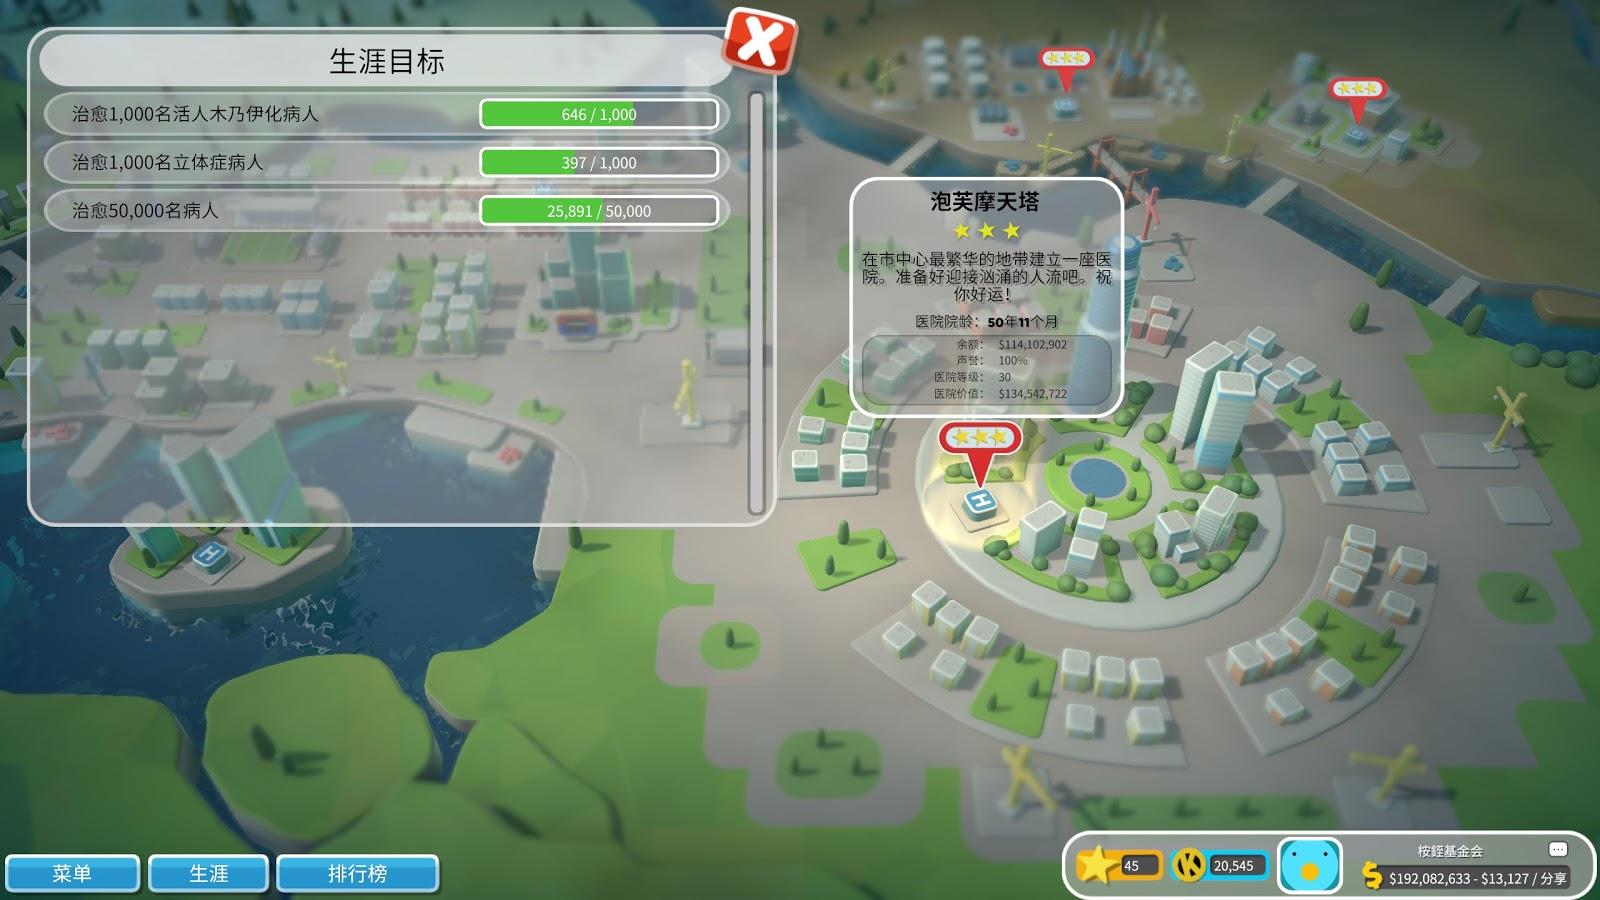 雙點醫院 (Two Point Hospital) 後期醫院經營規劃思路 | 娛樂計程車